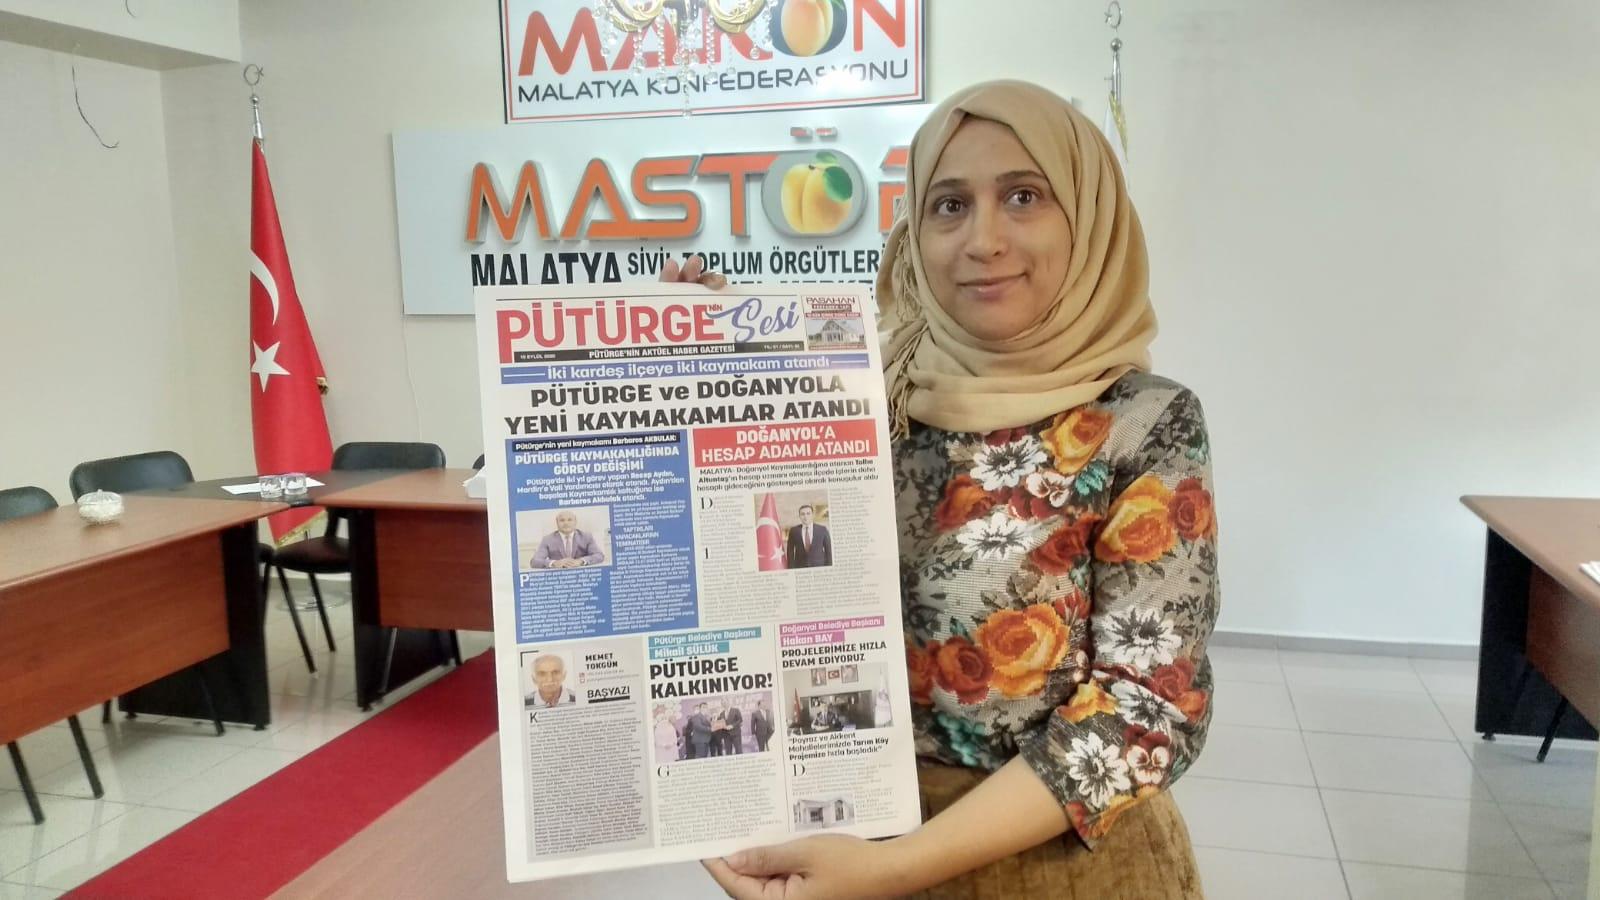 Pütürge'nin Sesi Gazetesi yayın hayatına başladı